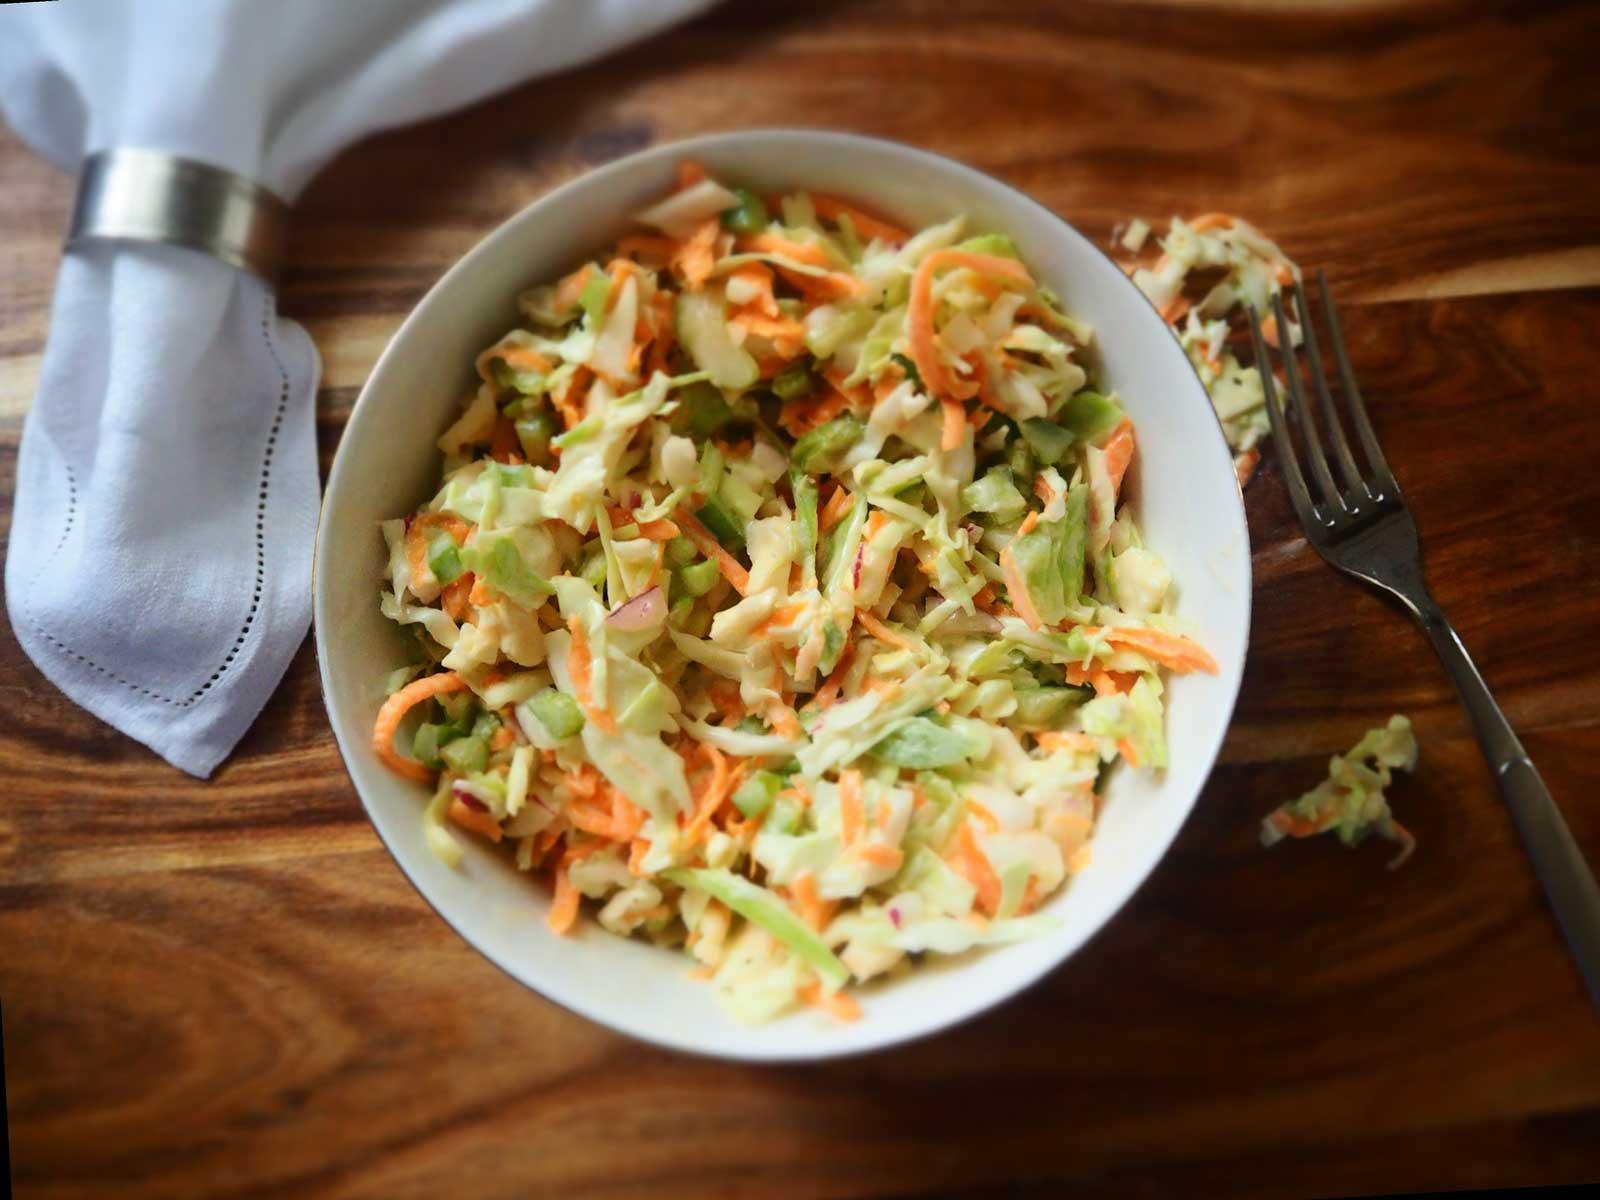 Krautsalat in Schüssel